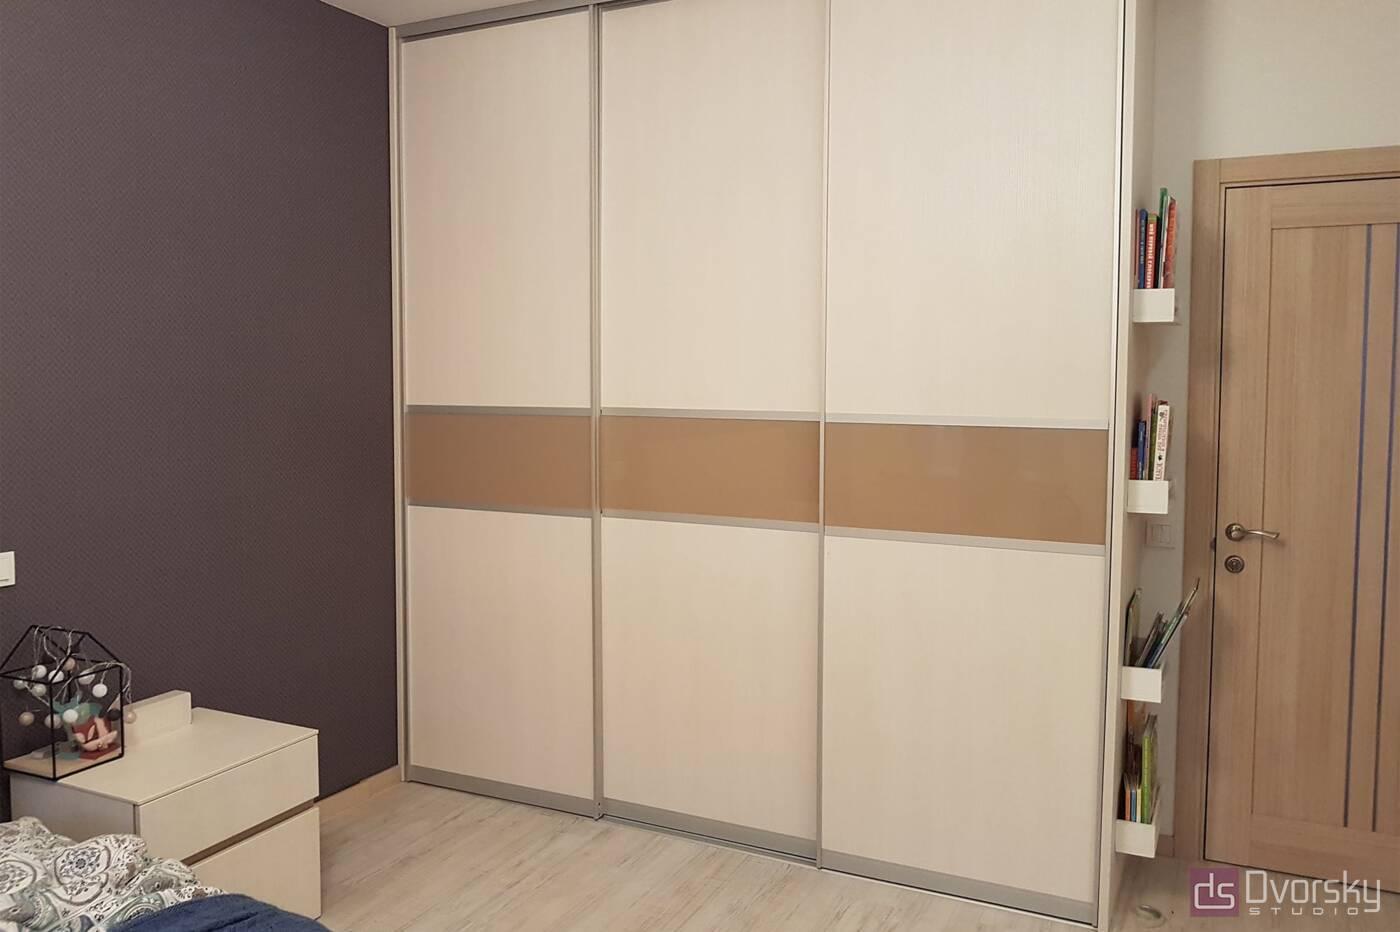 Спальні Спальня з 3-х дверною шафою - Фото № 1